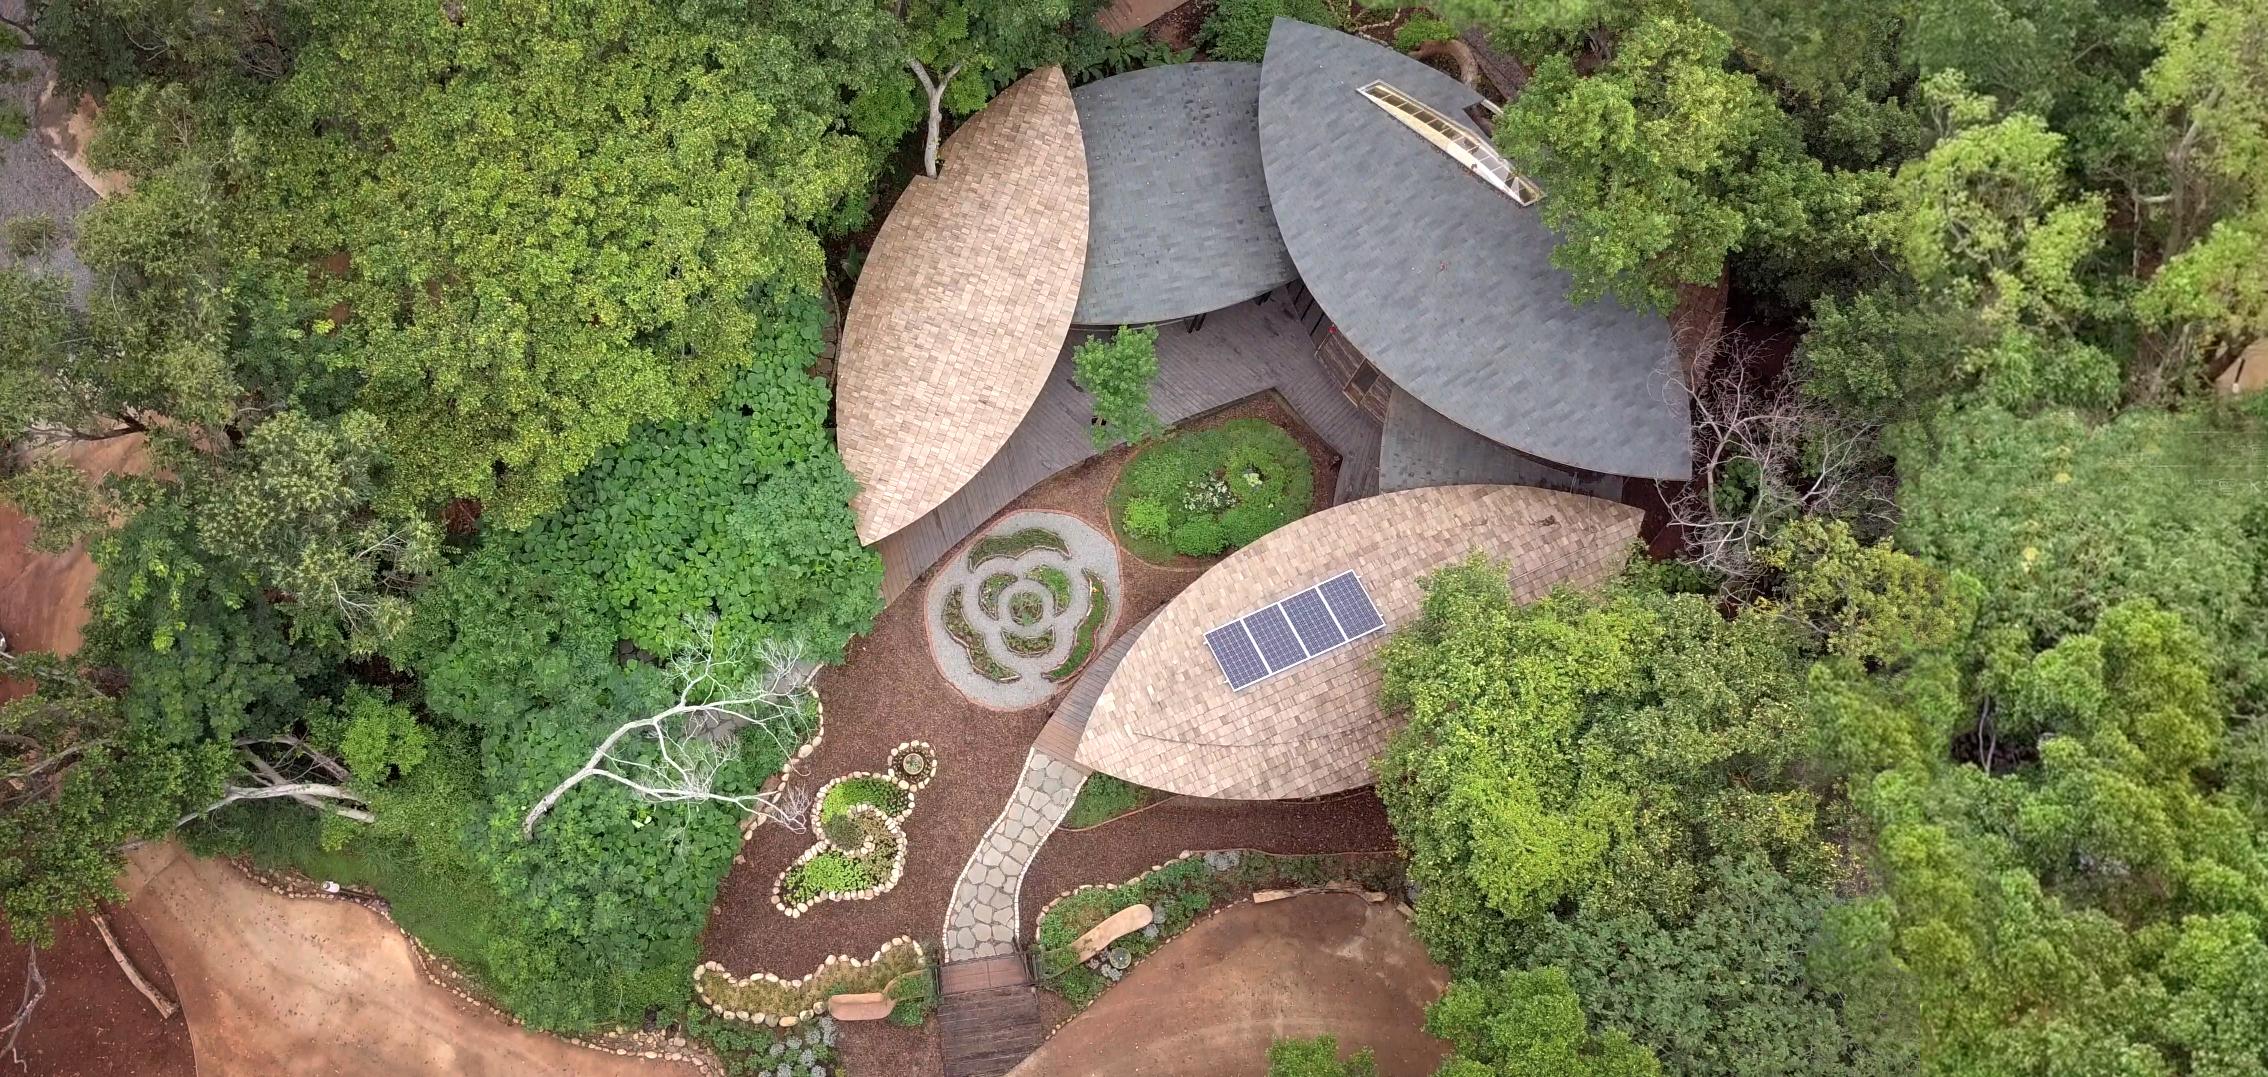 台中花博國際爭光 森林園區及烏日高鐵地景裝置入圍歐洲LILA景觀設計平台